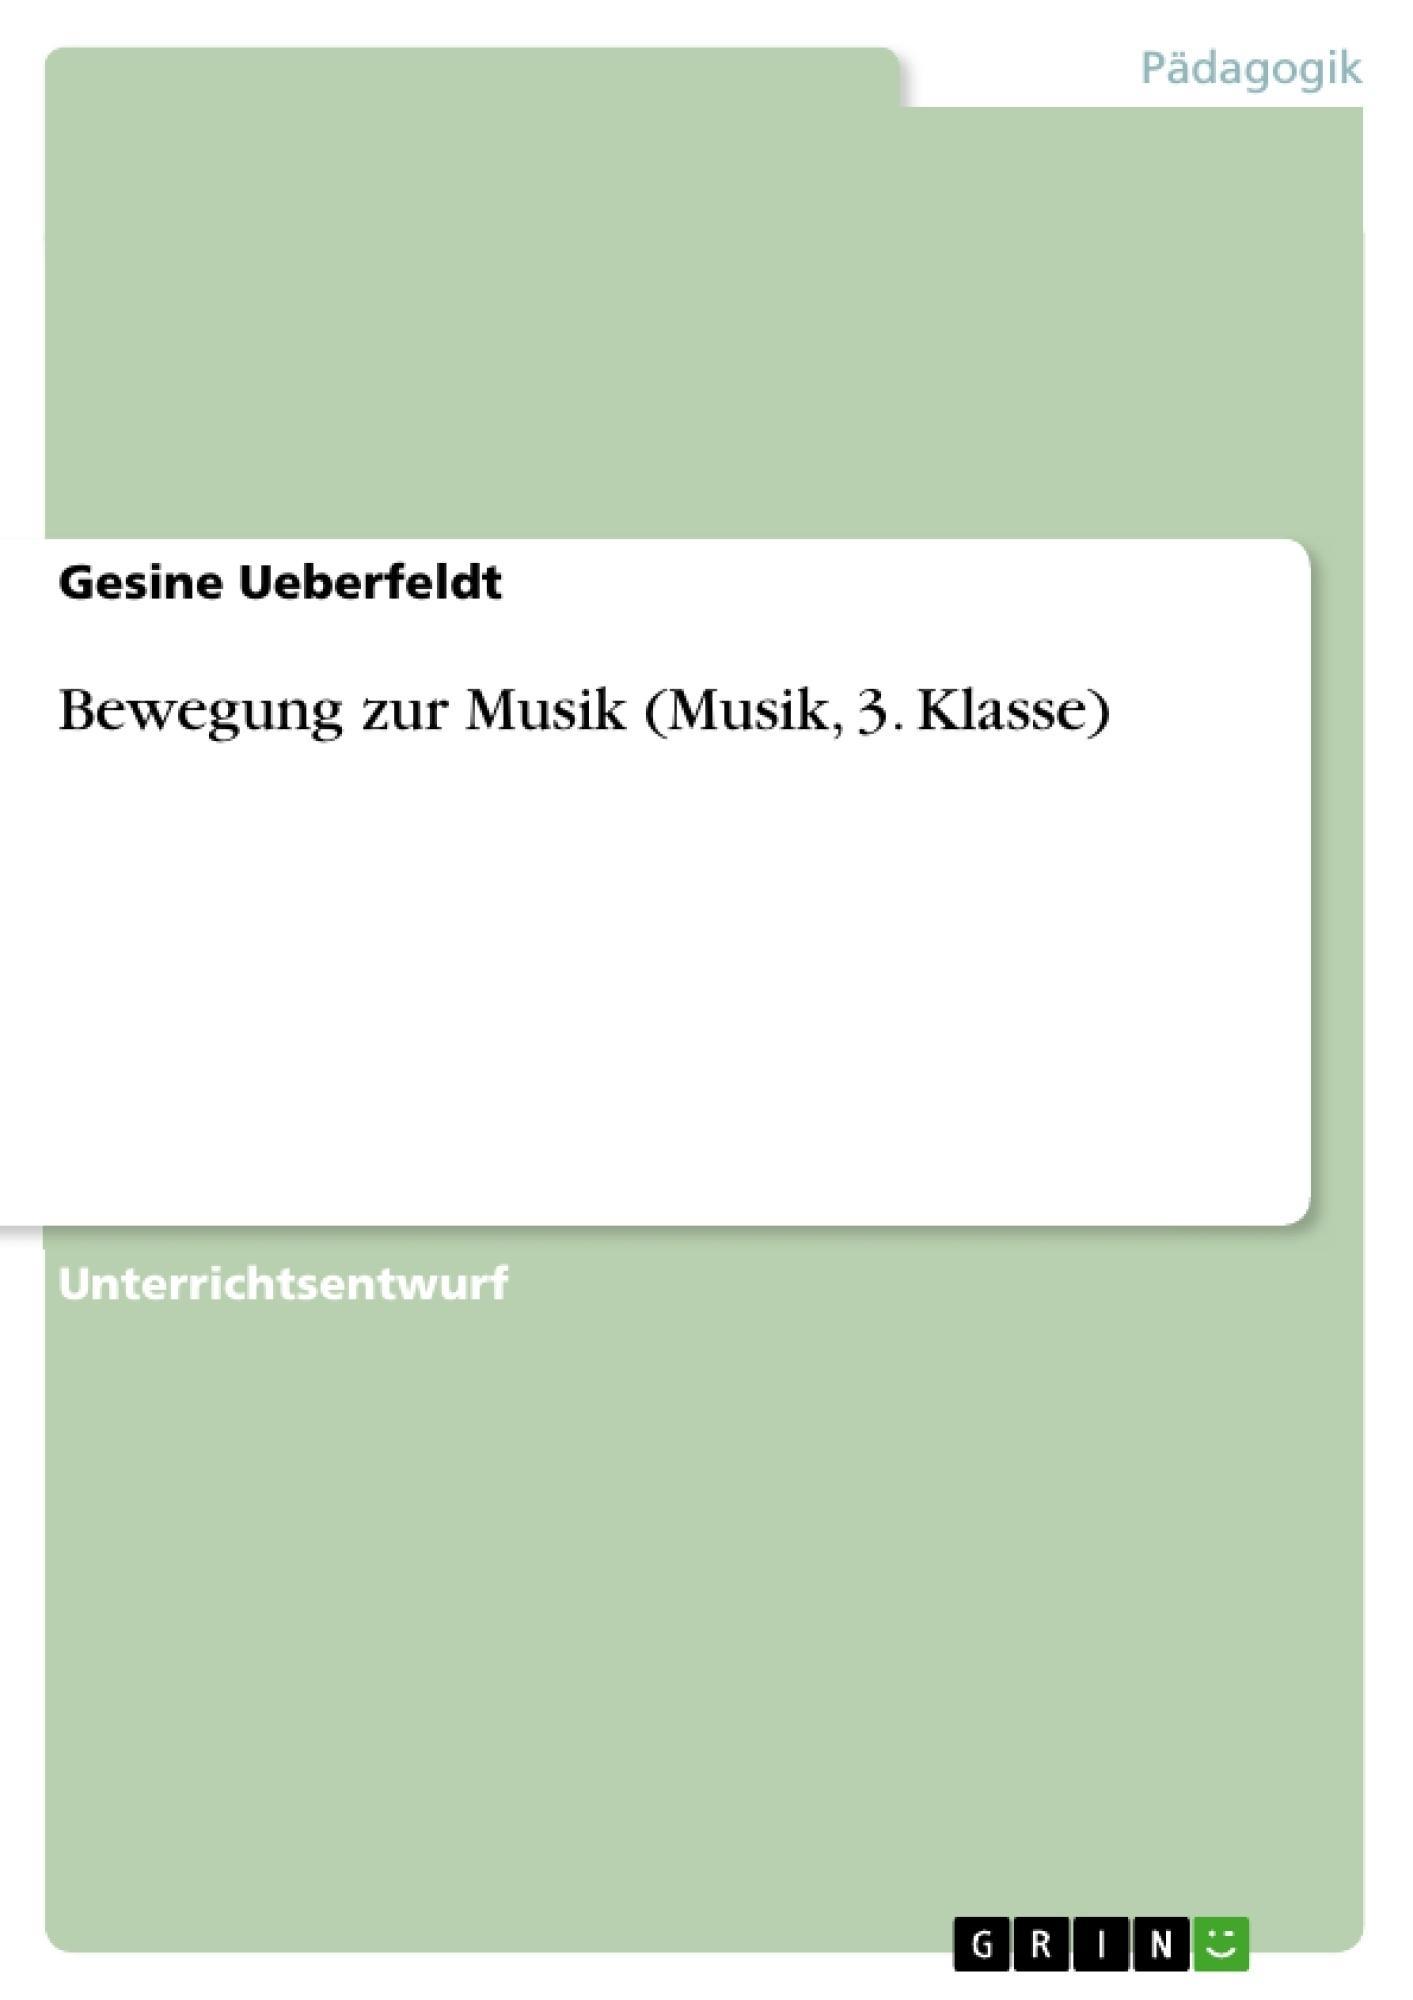 Titel: Bewegung zur Musik (Musik, 3. Klasse)